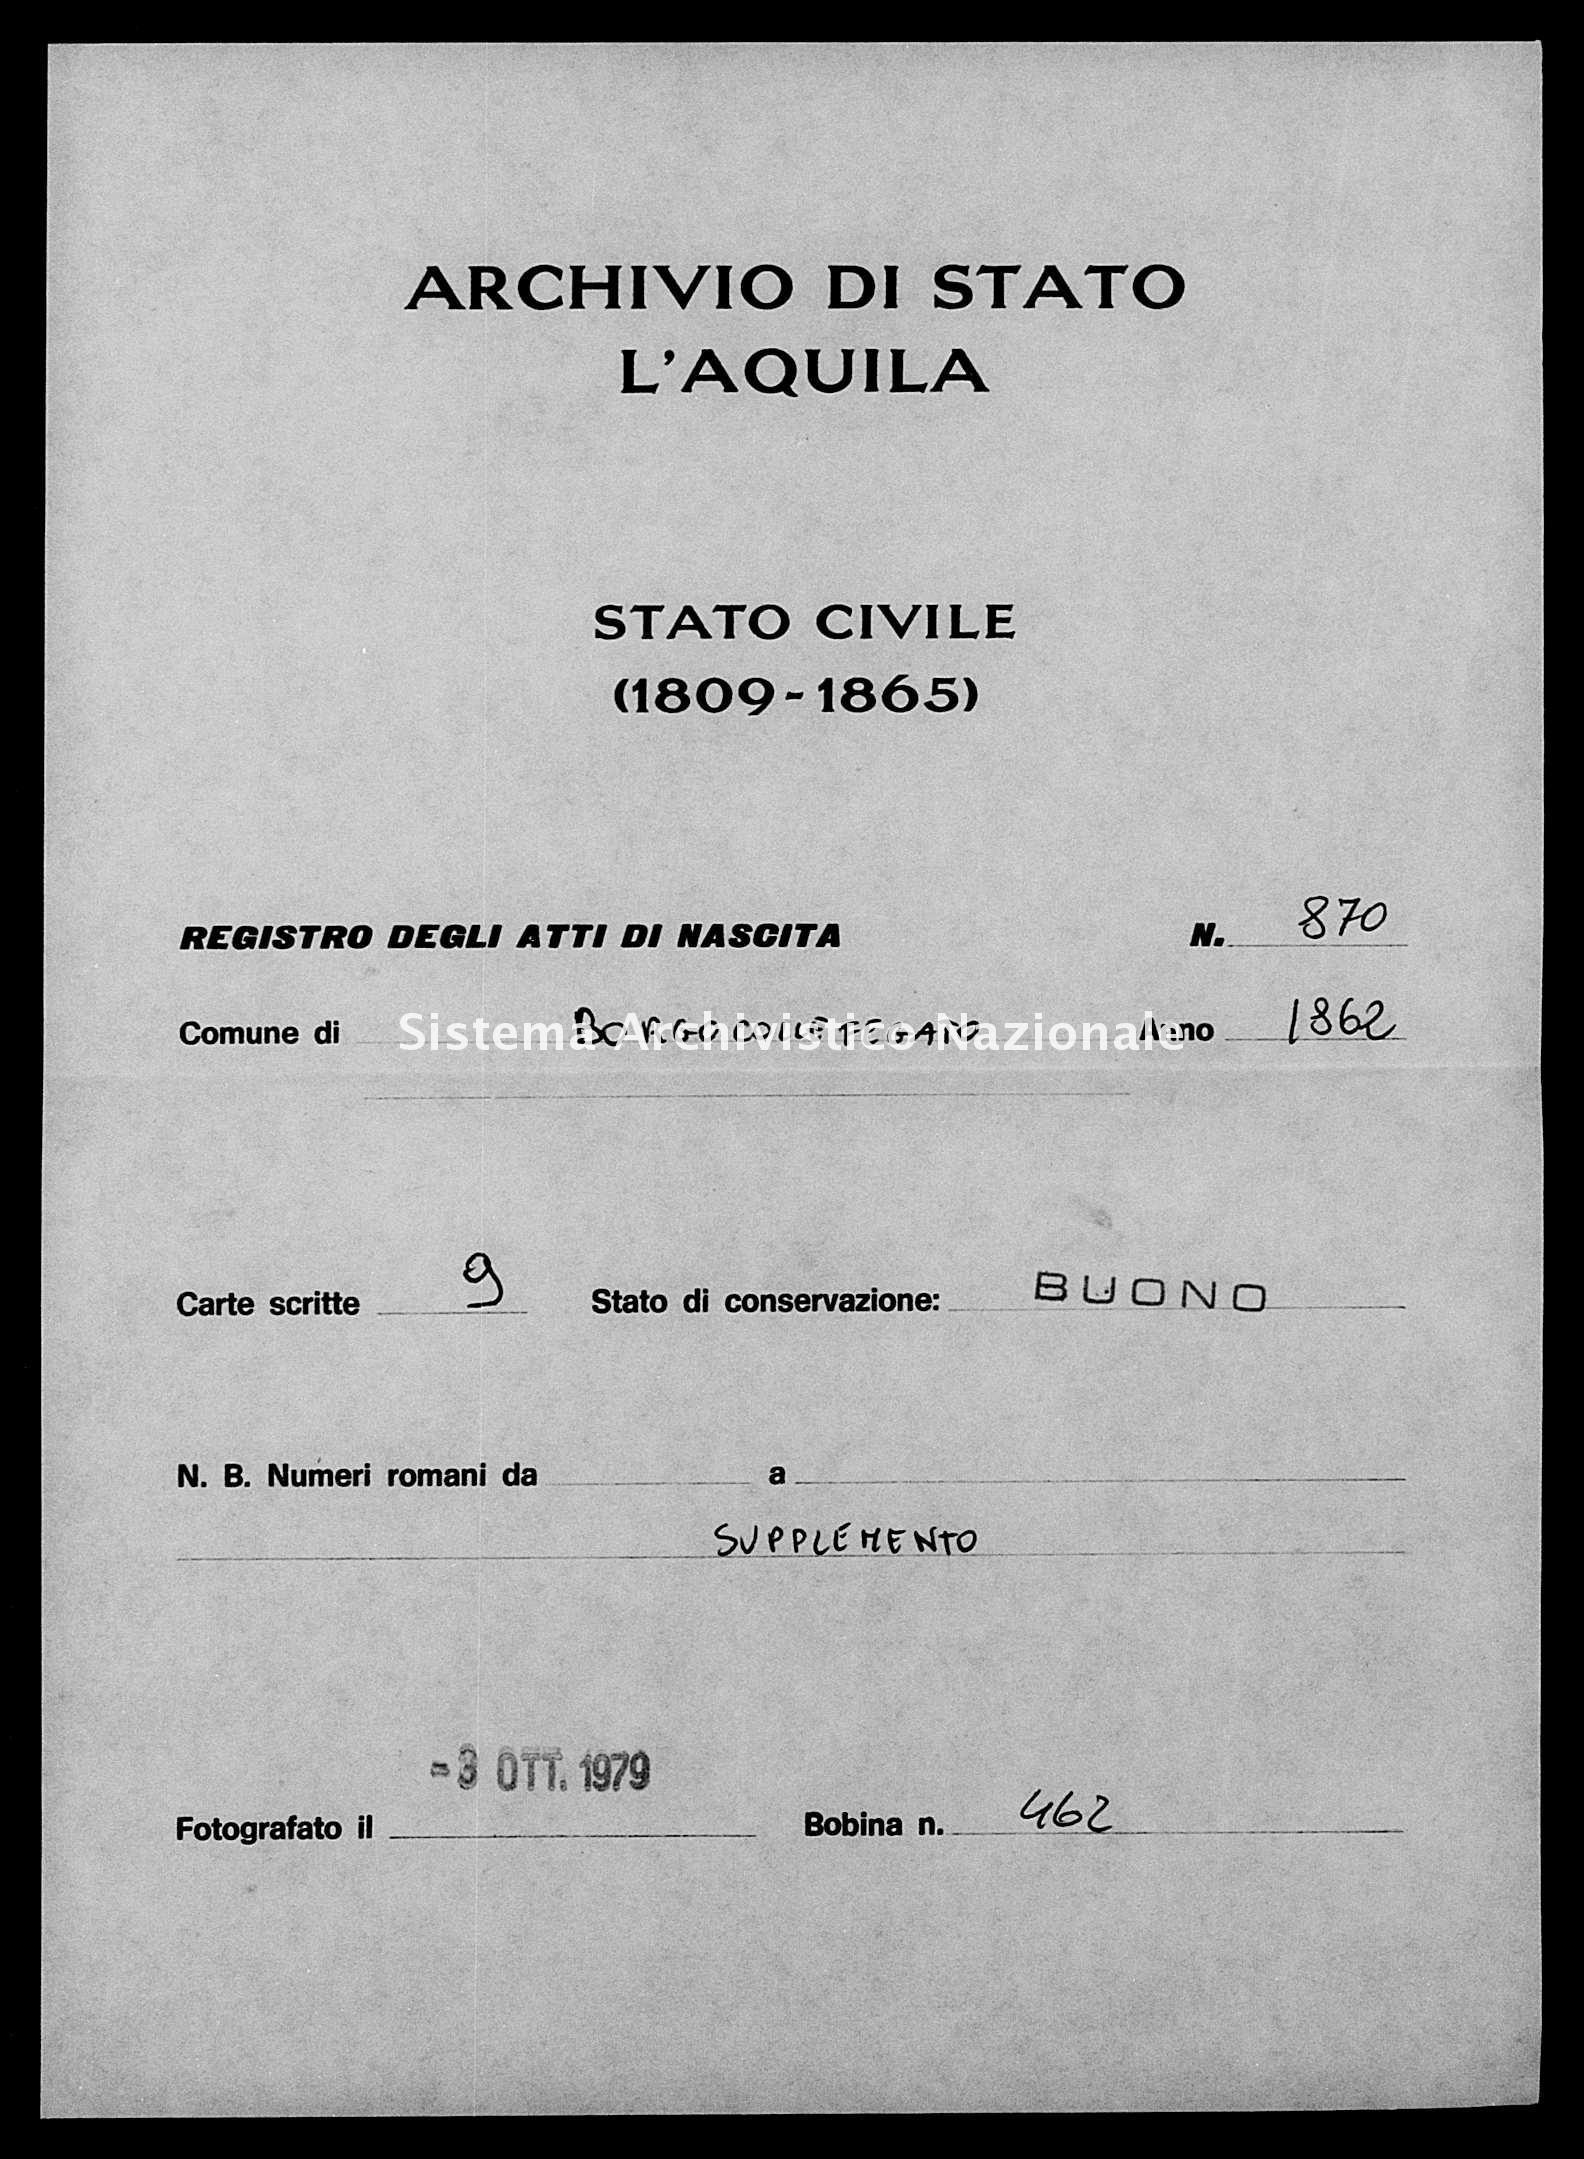 Archivio di stato di L'aquila - Stato civile italiano - Borgocollefegato - Nati, esposti - 1862 - 870 -